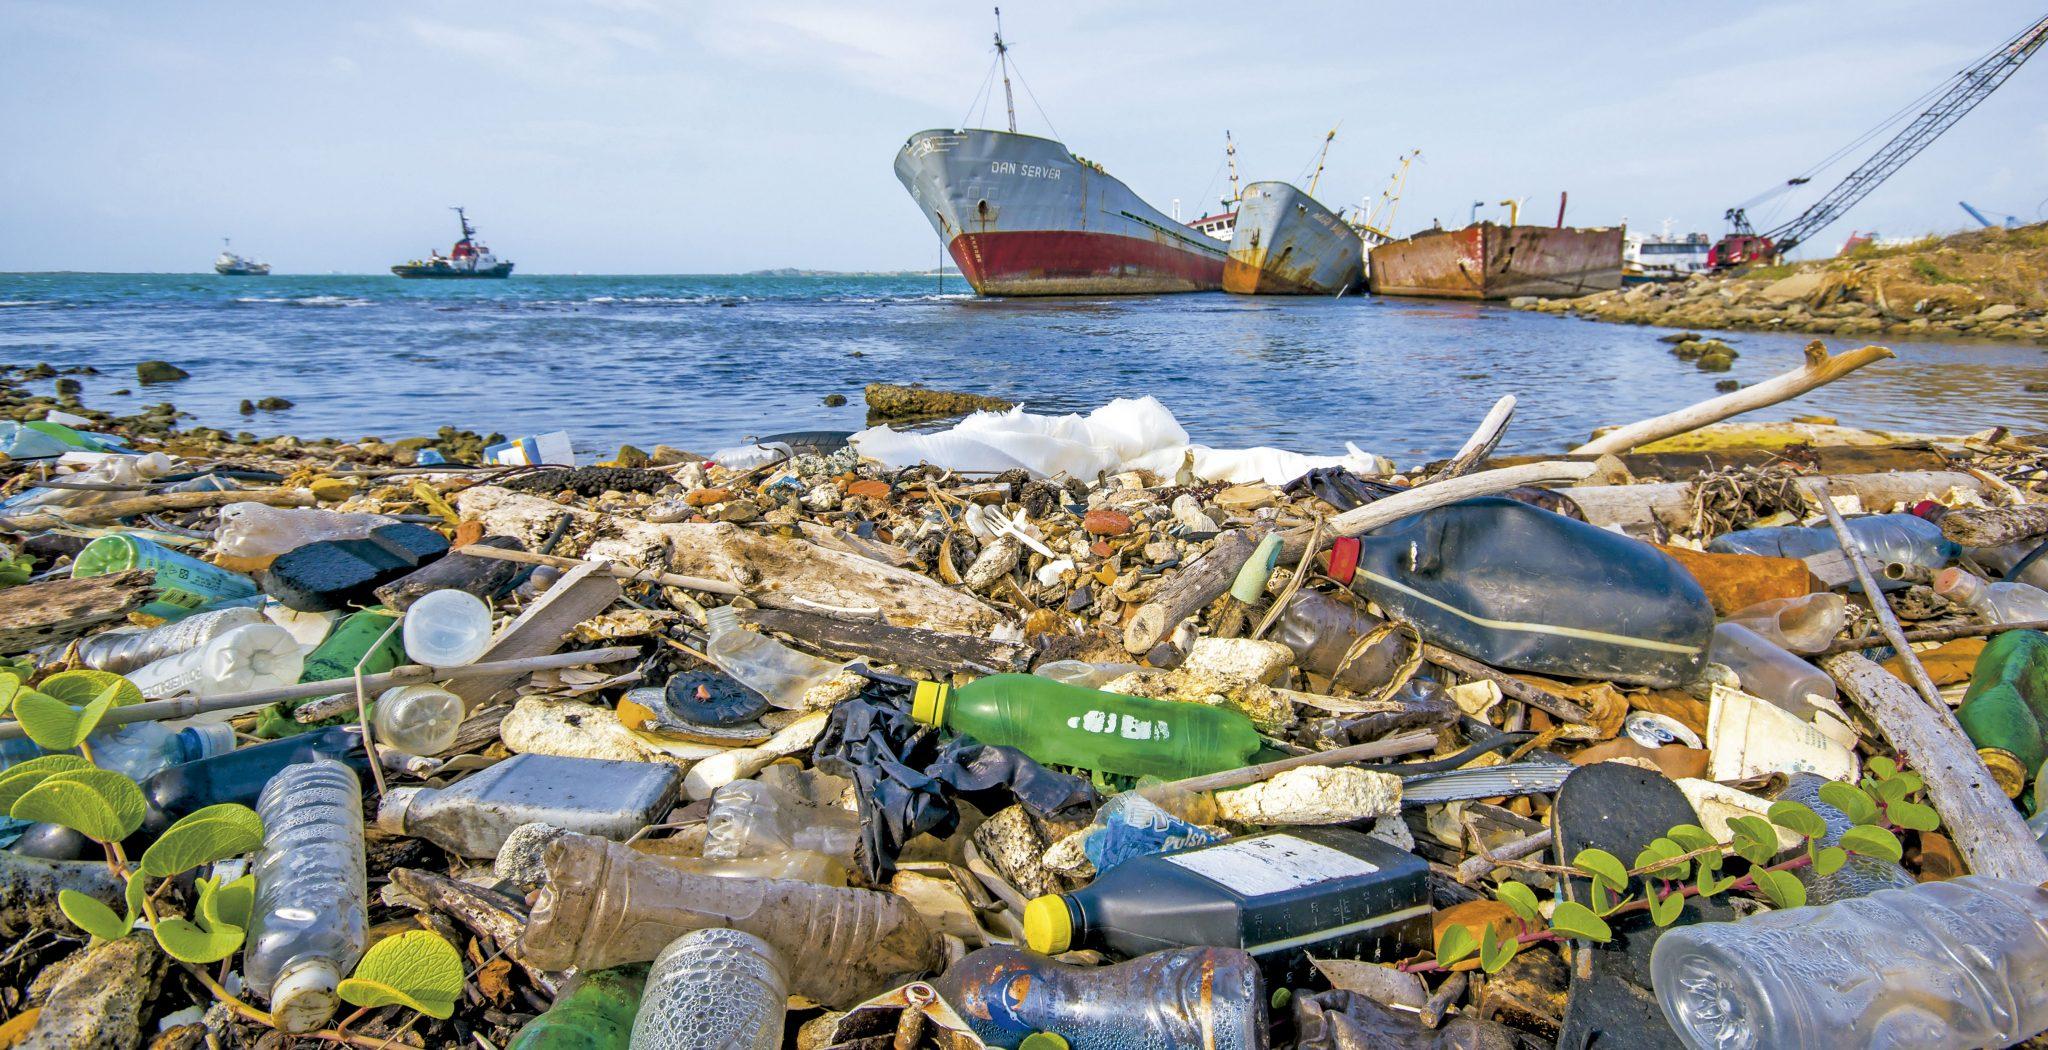 Cuidado de la Casa común Laudato si' cambio climático plástico